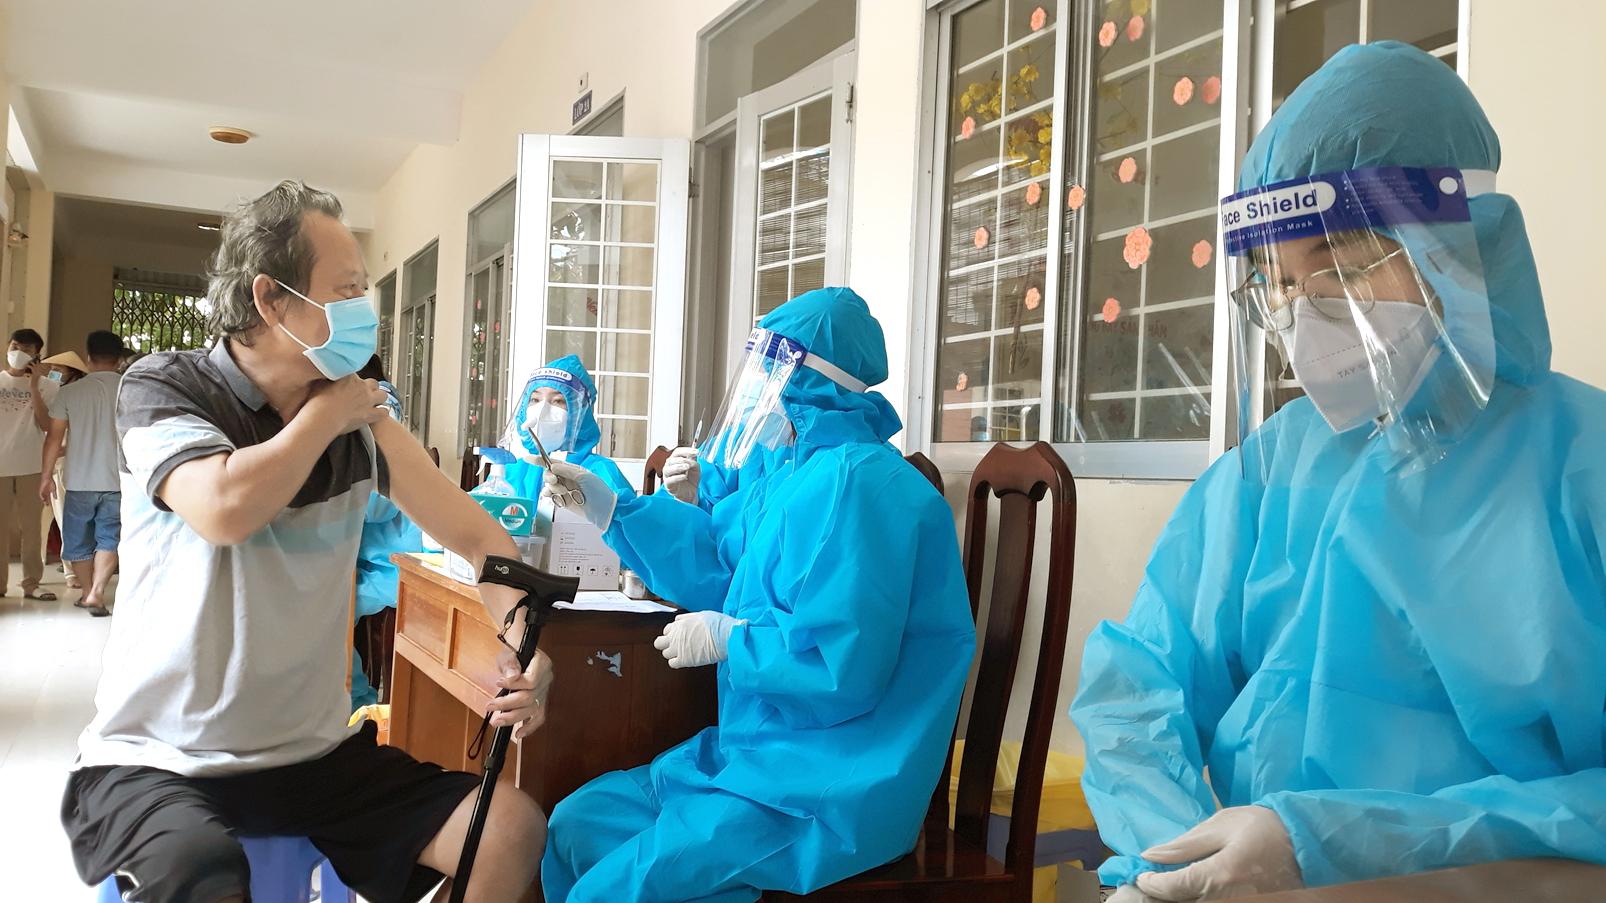 Lực lượng y tế ở TP.Cần Thơ tiêm vắc-xin cho người dân vào sáng 12/10 - ẢNH: TỪ NHÂN